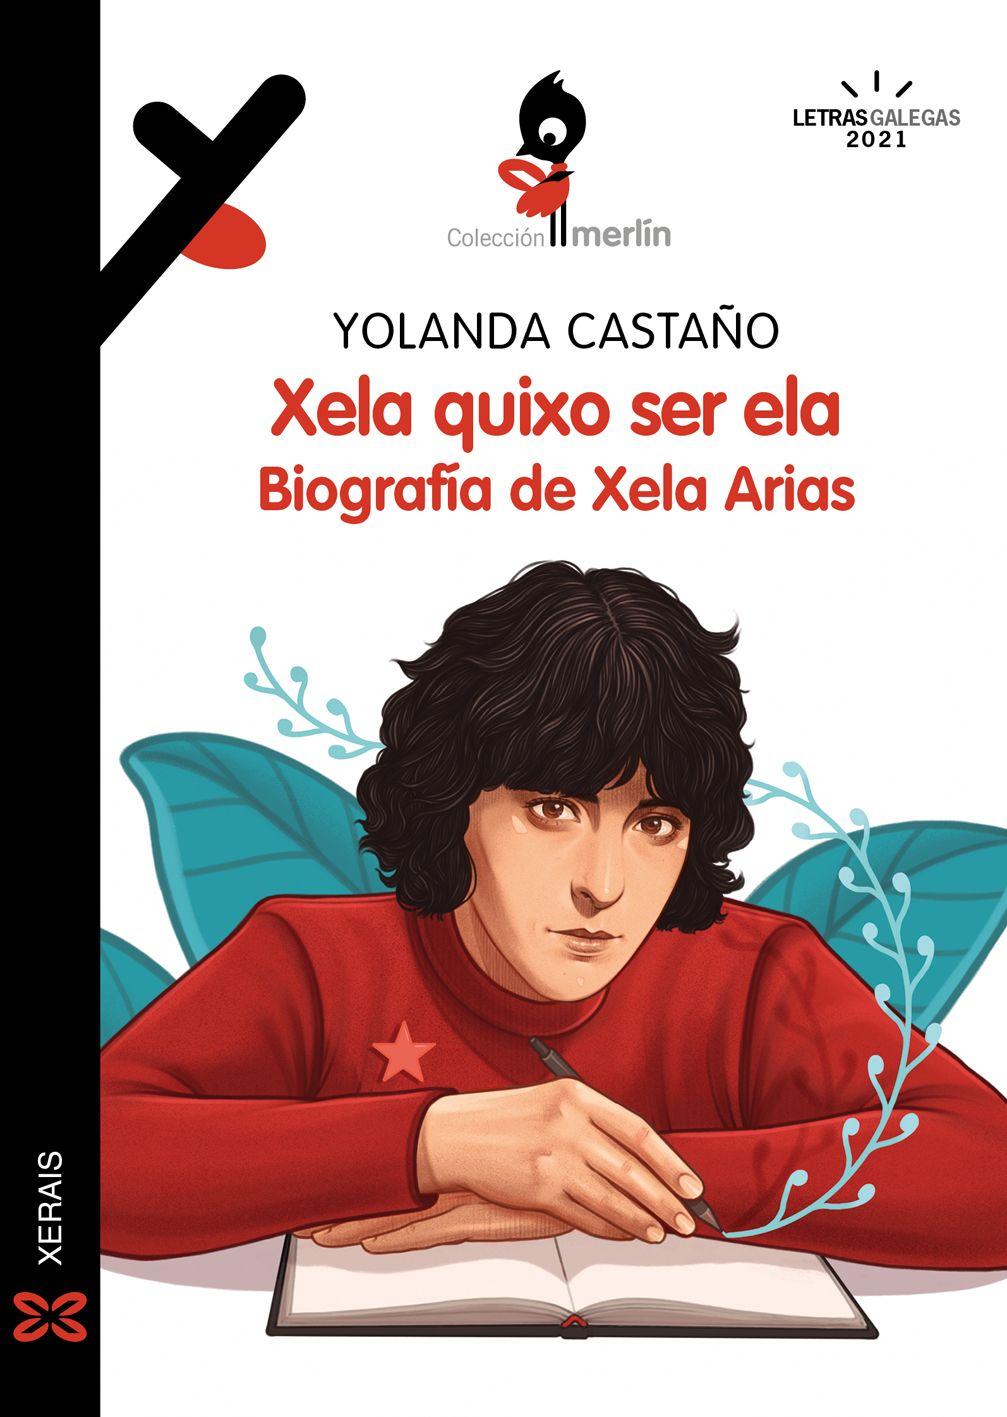 Yolanda Castaño asina a biografía <i>Xela quixo ser ela</i>